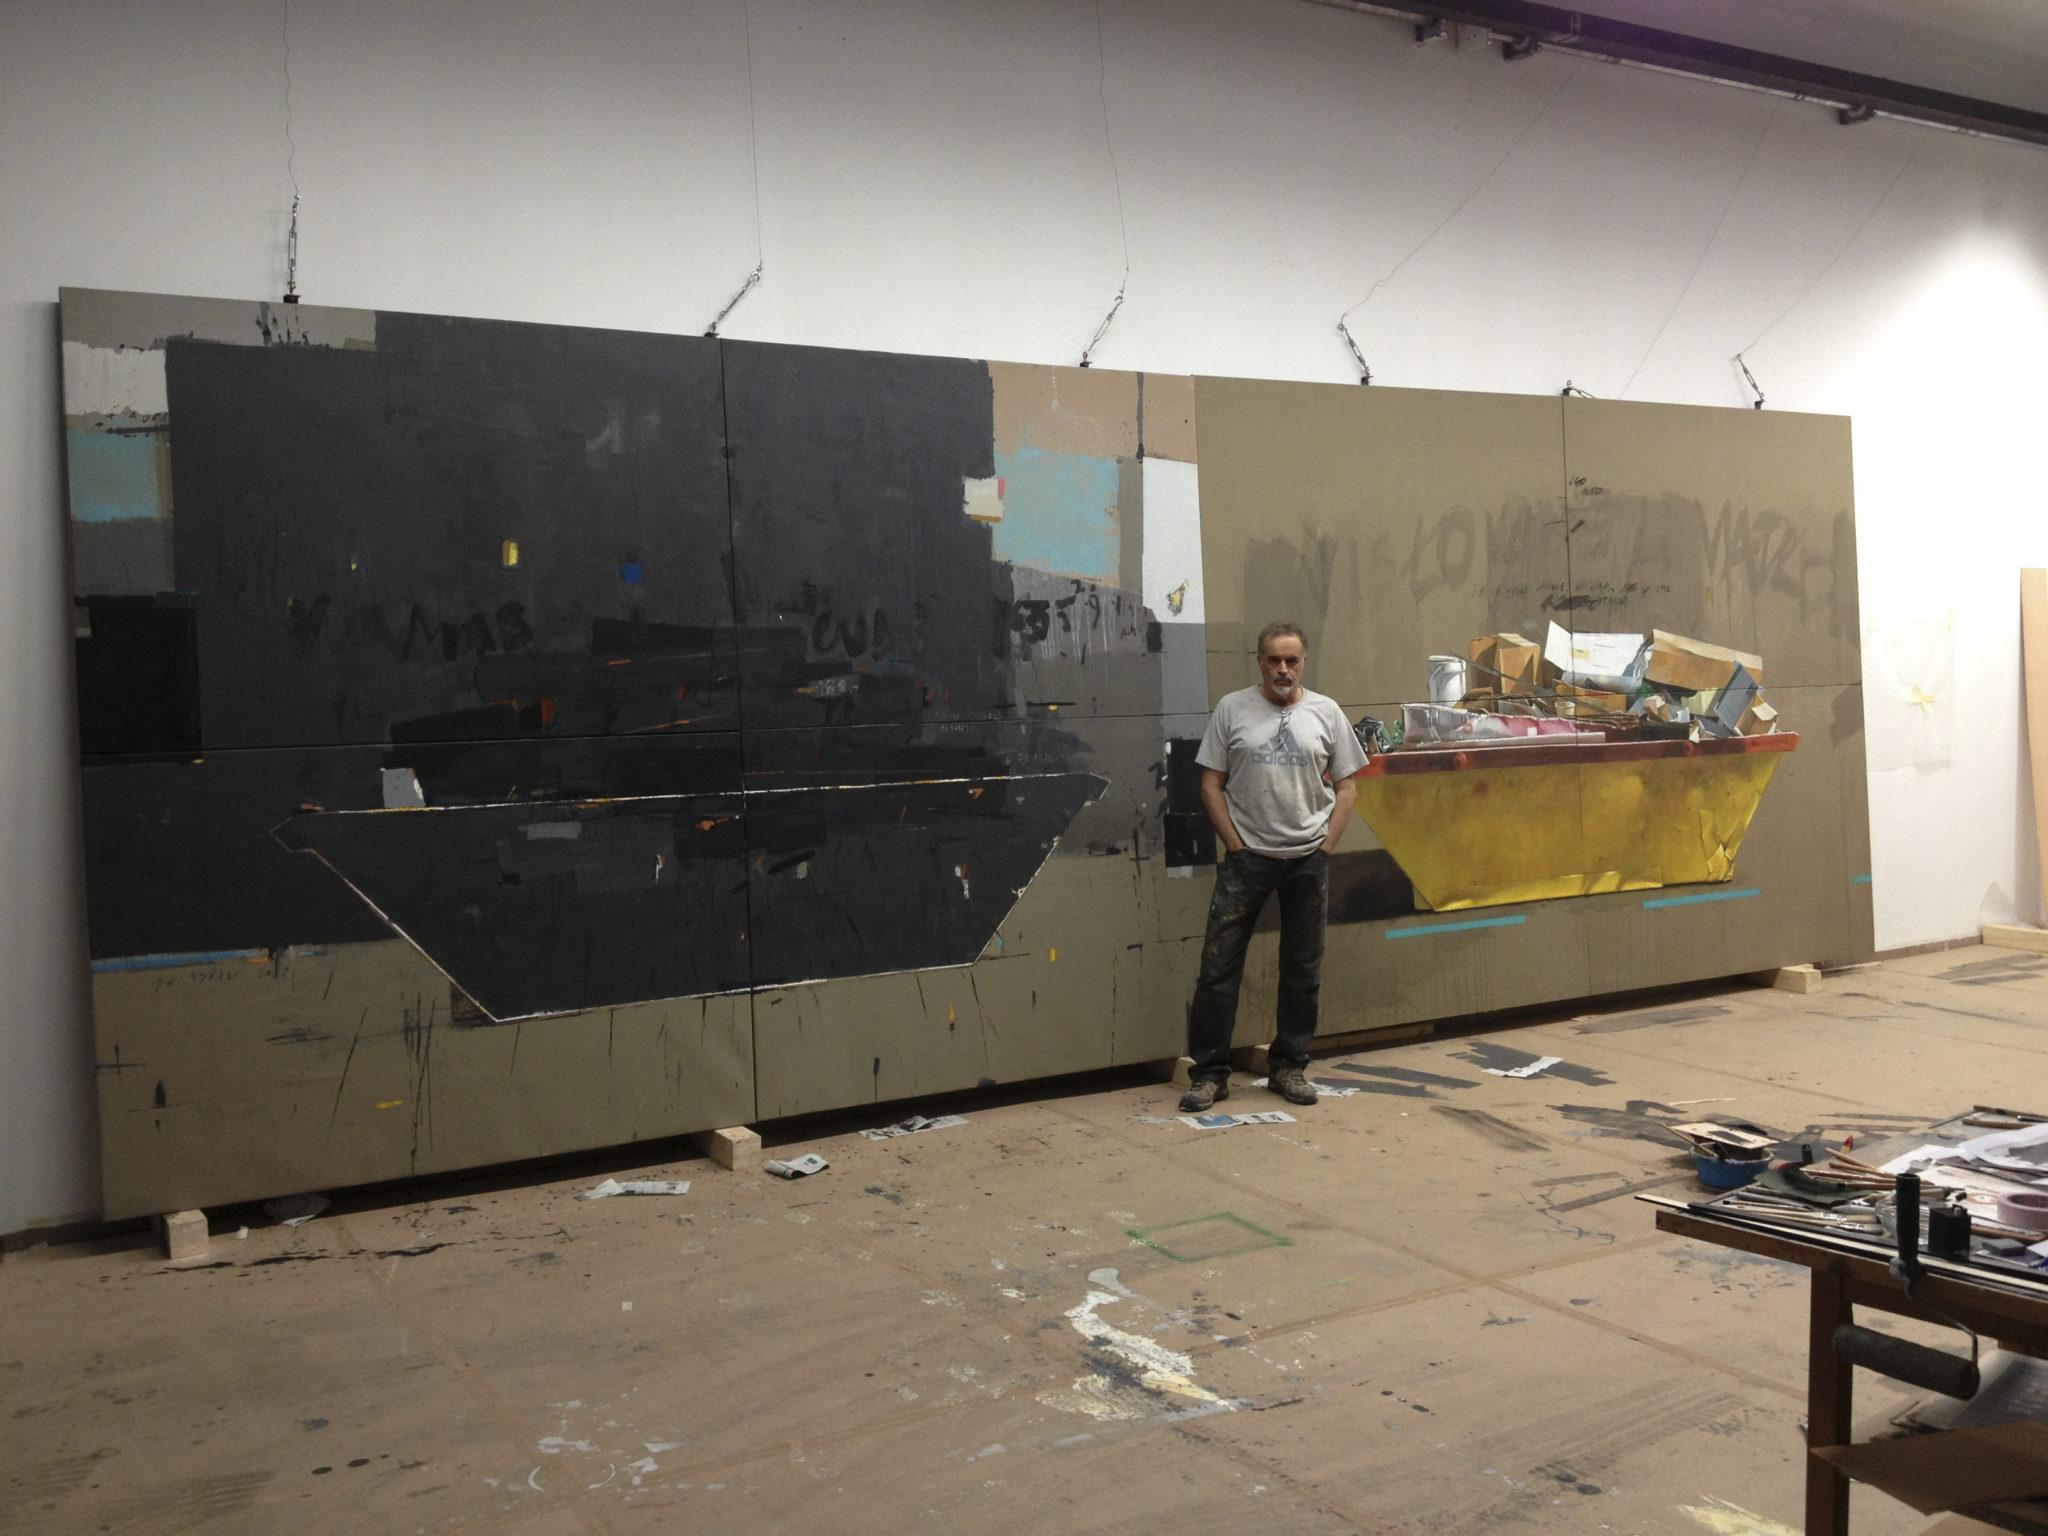 Fotografía del pintor Manuel Quintana Martelo, delante de una obra de grandes dimensiones que forma parte de la serie containers.